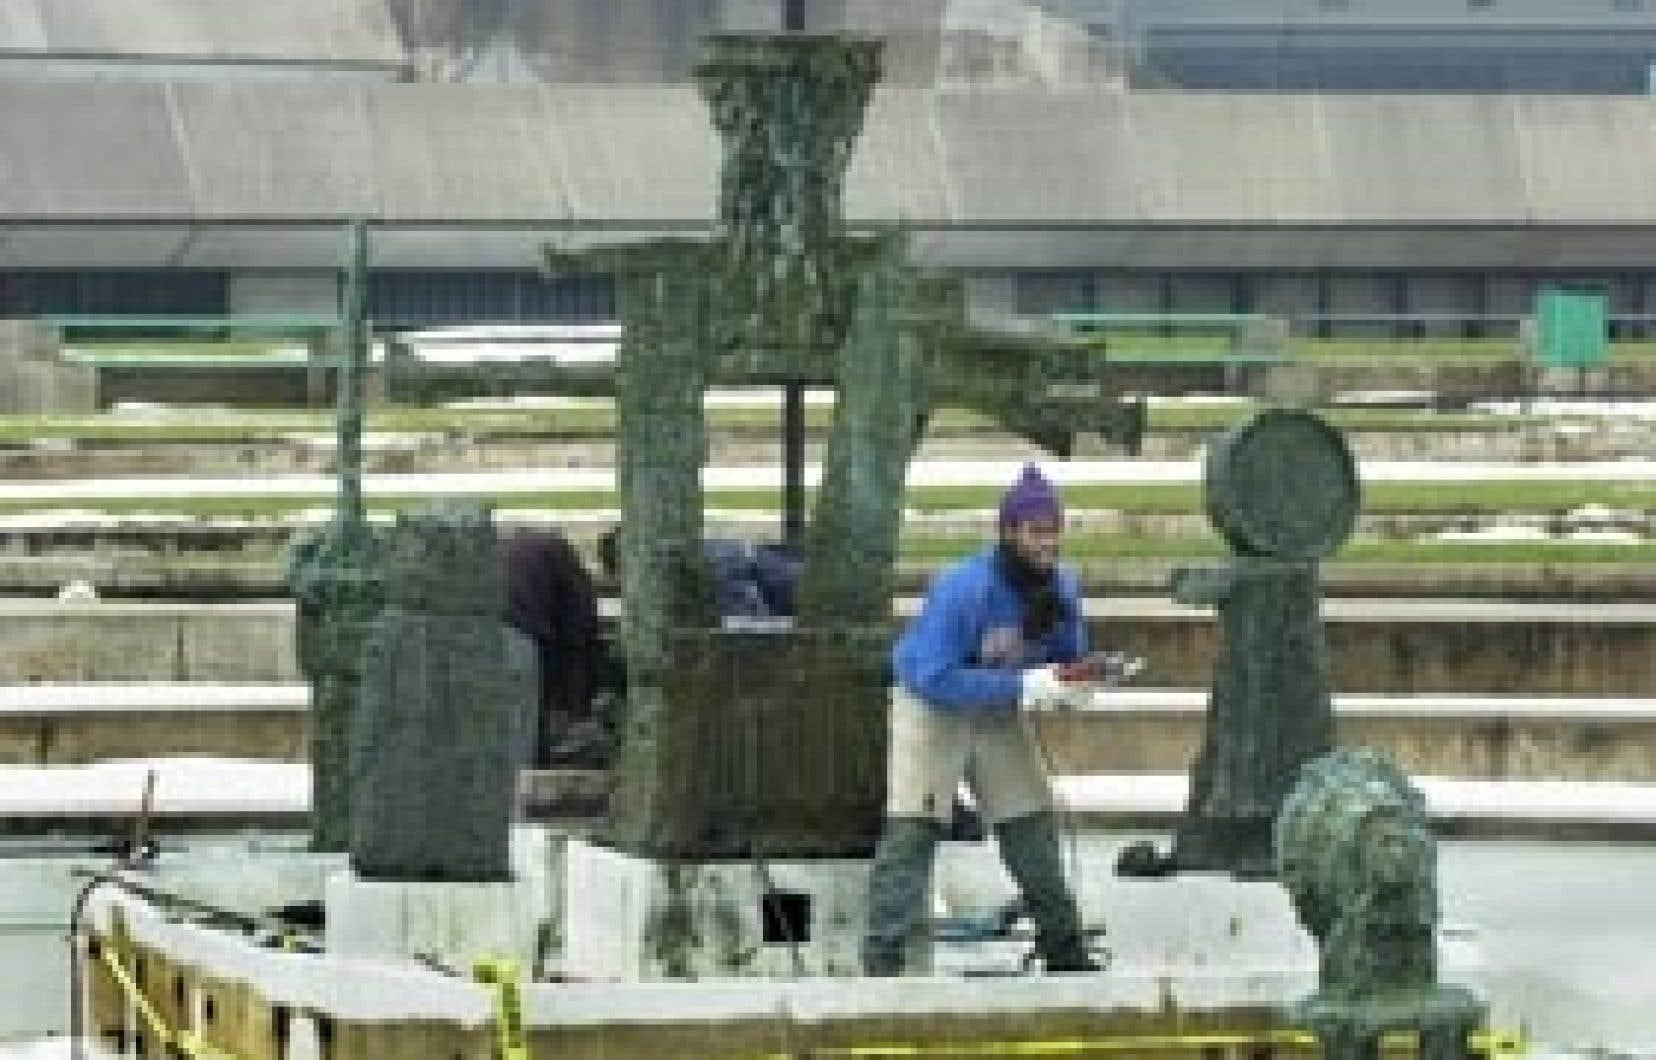 La Joute, la sculpture-fontaine de Riopelle intégrée plusieurs années au parc Olympique, a été démantelée en novembre 2002 pour être réinstallée entre le Palais des congrès et l'édifice de la Caisse de dépôt, dans le quartier de la financ